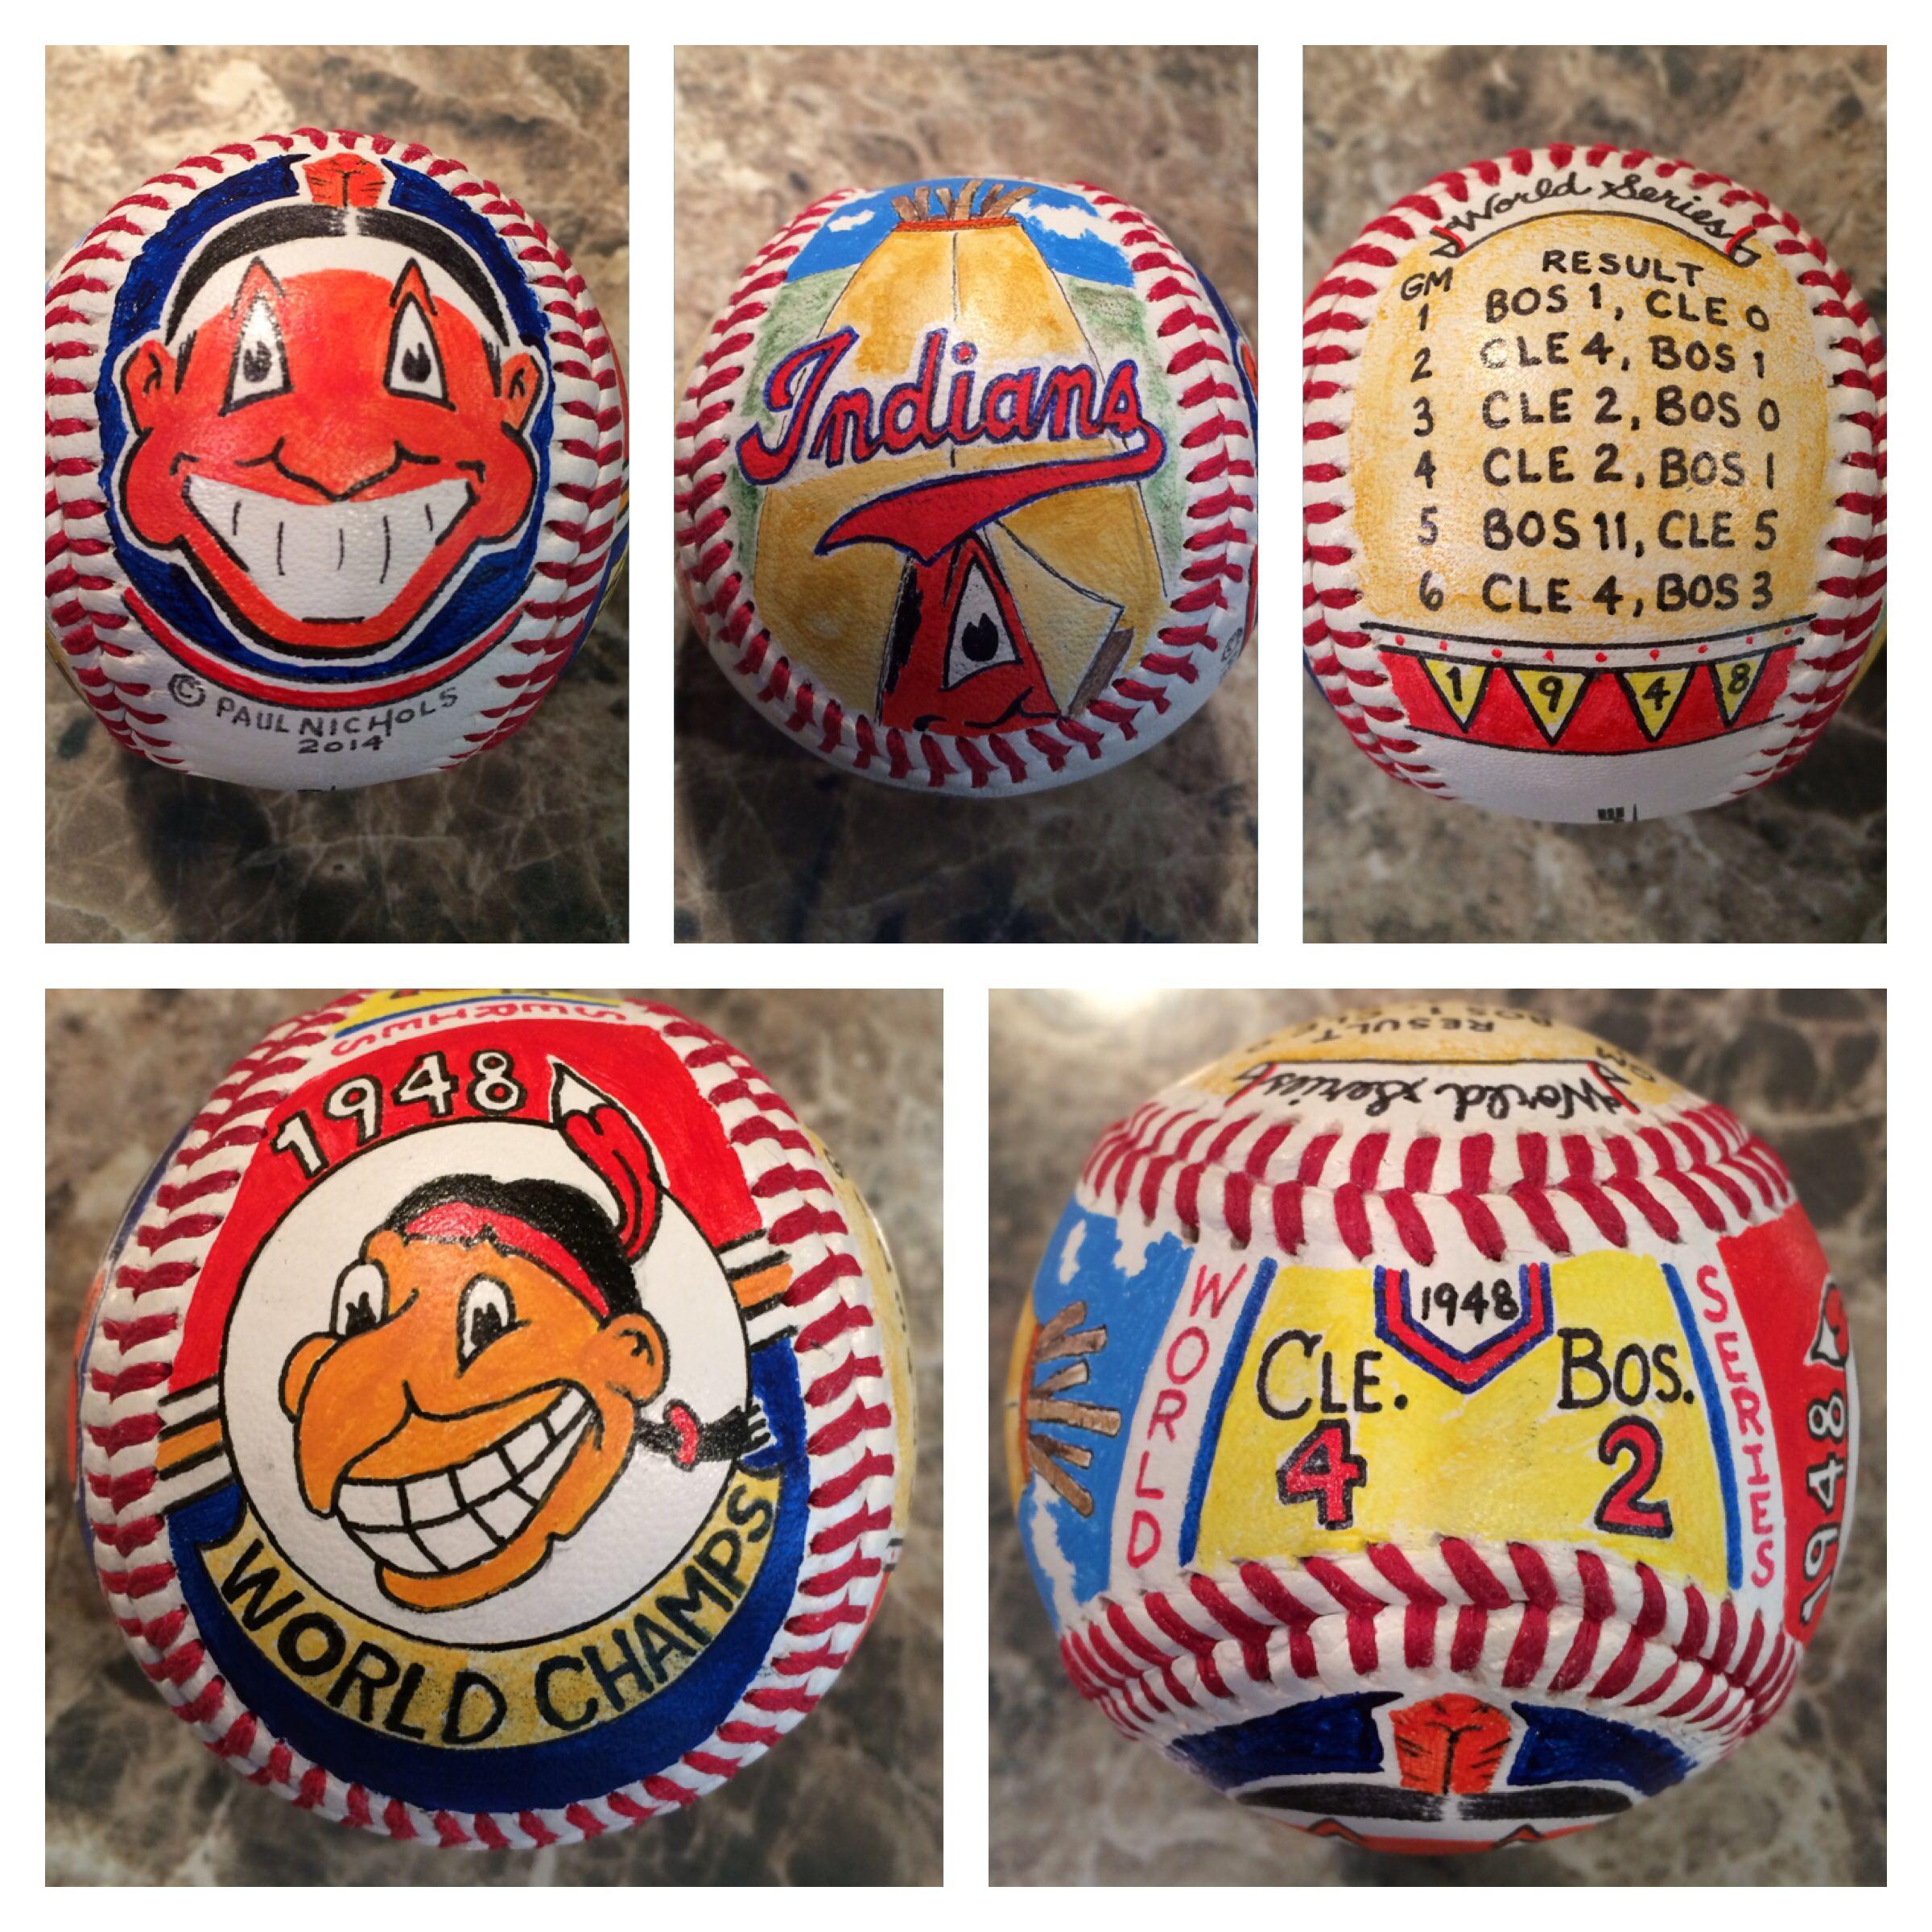 Cleveland Indians 1948 World Series ball